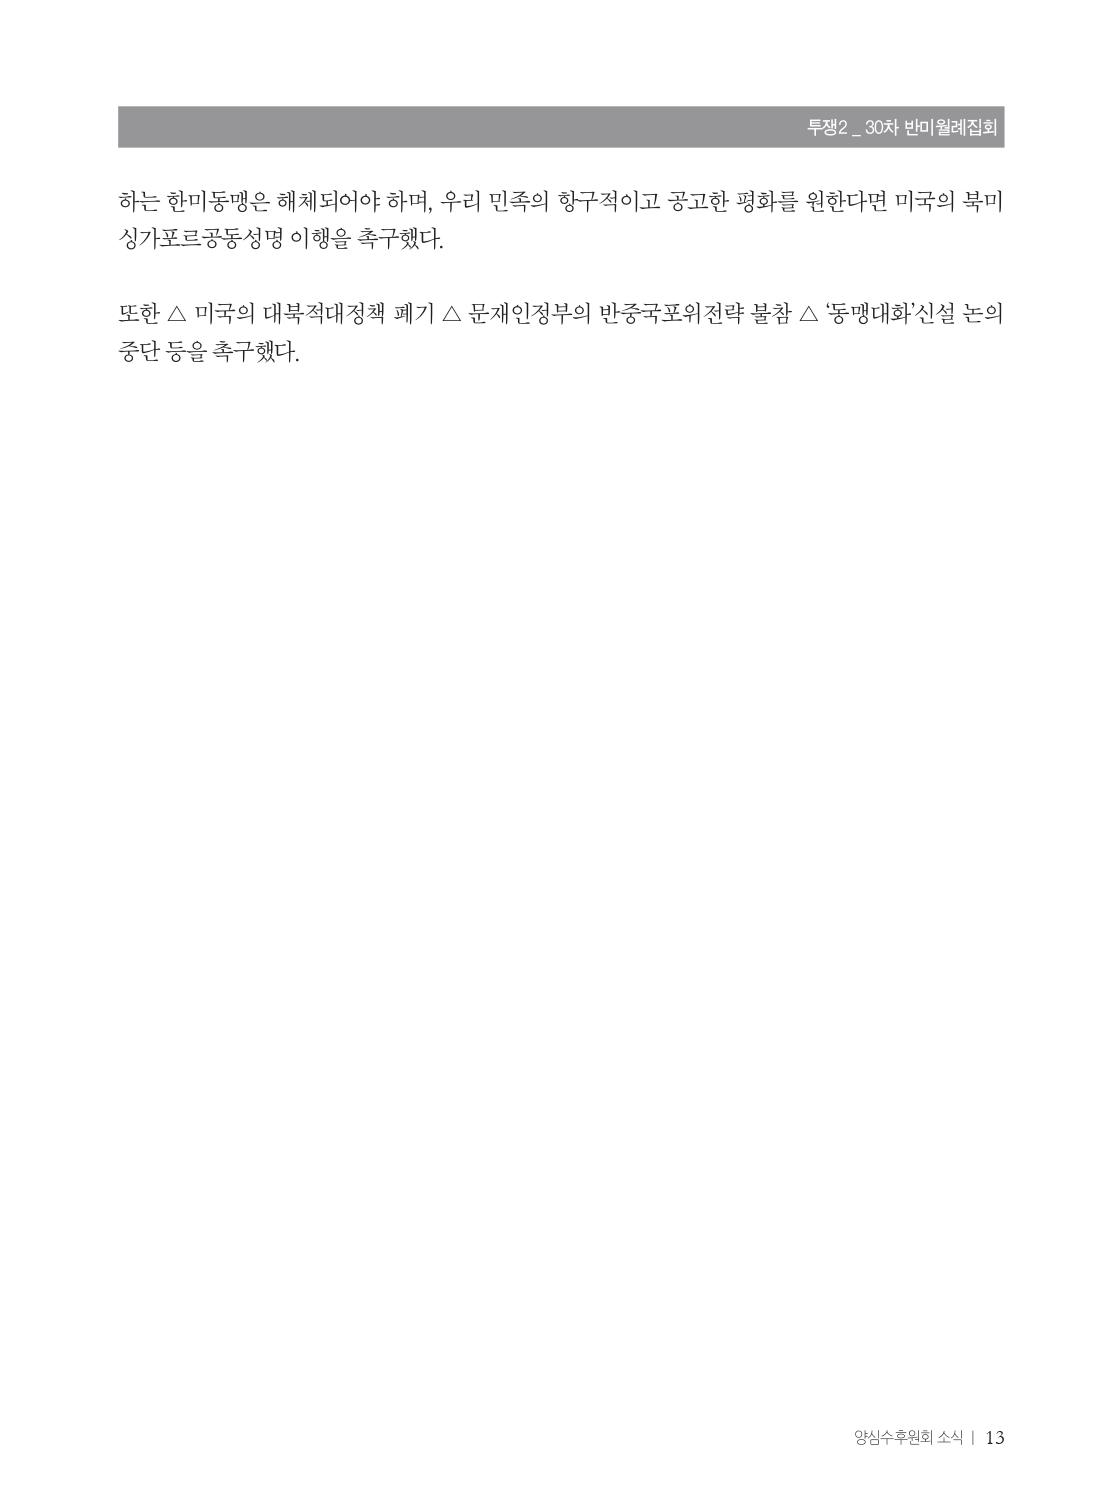 [양심수후원회] 소식지 349호 웹용_page-0015.jpg